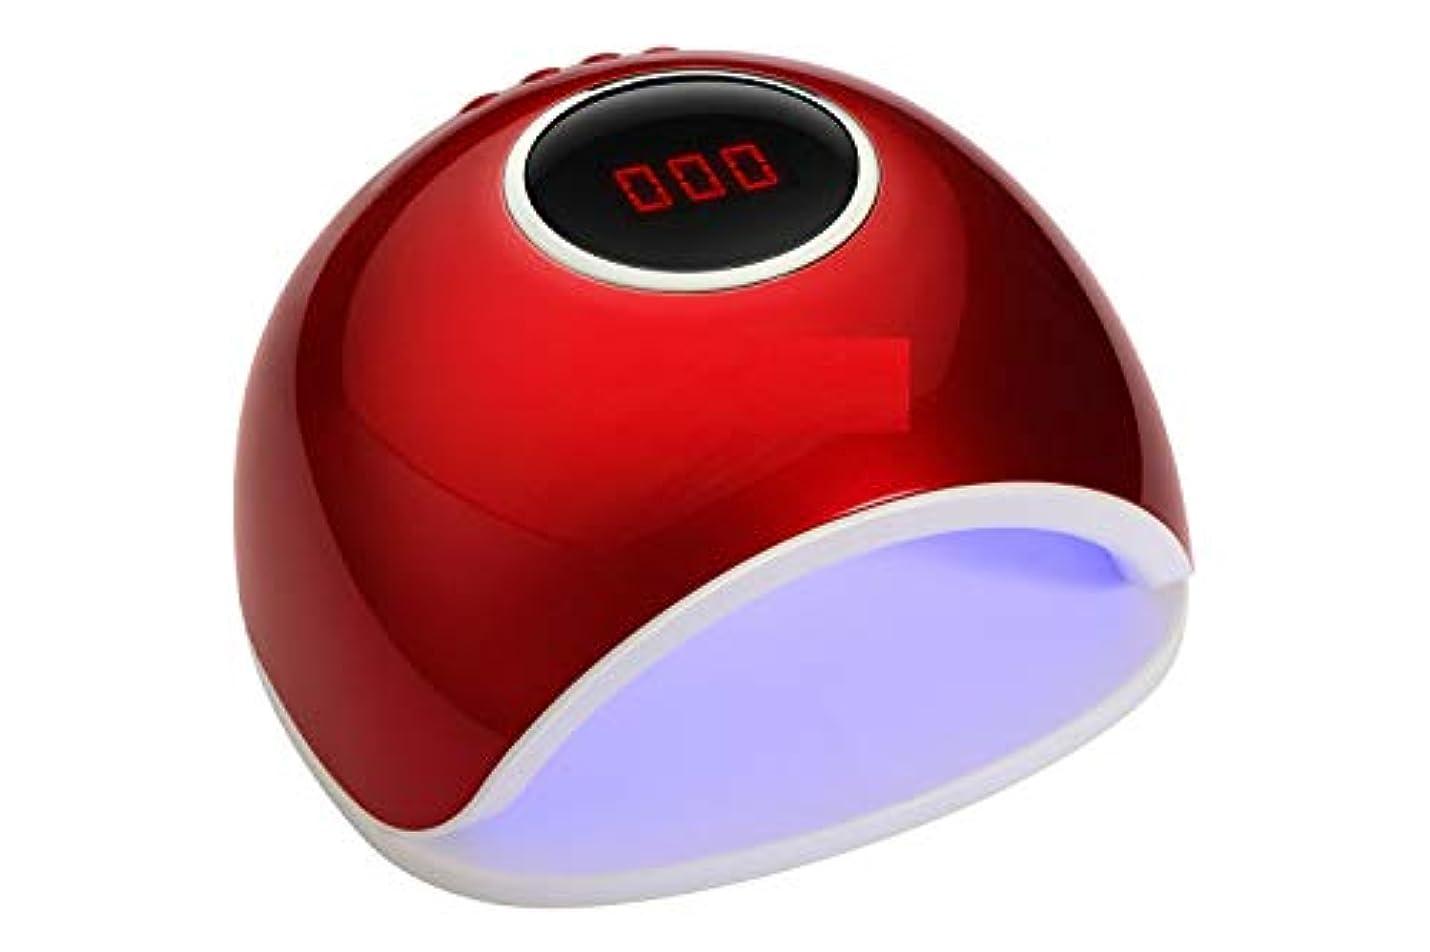 ホバート全能リップLittleCat ネイル光線療法ライトはインテリジェント誘導機のローストマニキュア速乾性接着剤乾燥世帯72ワットを率いて (色 : Red euro)